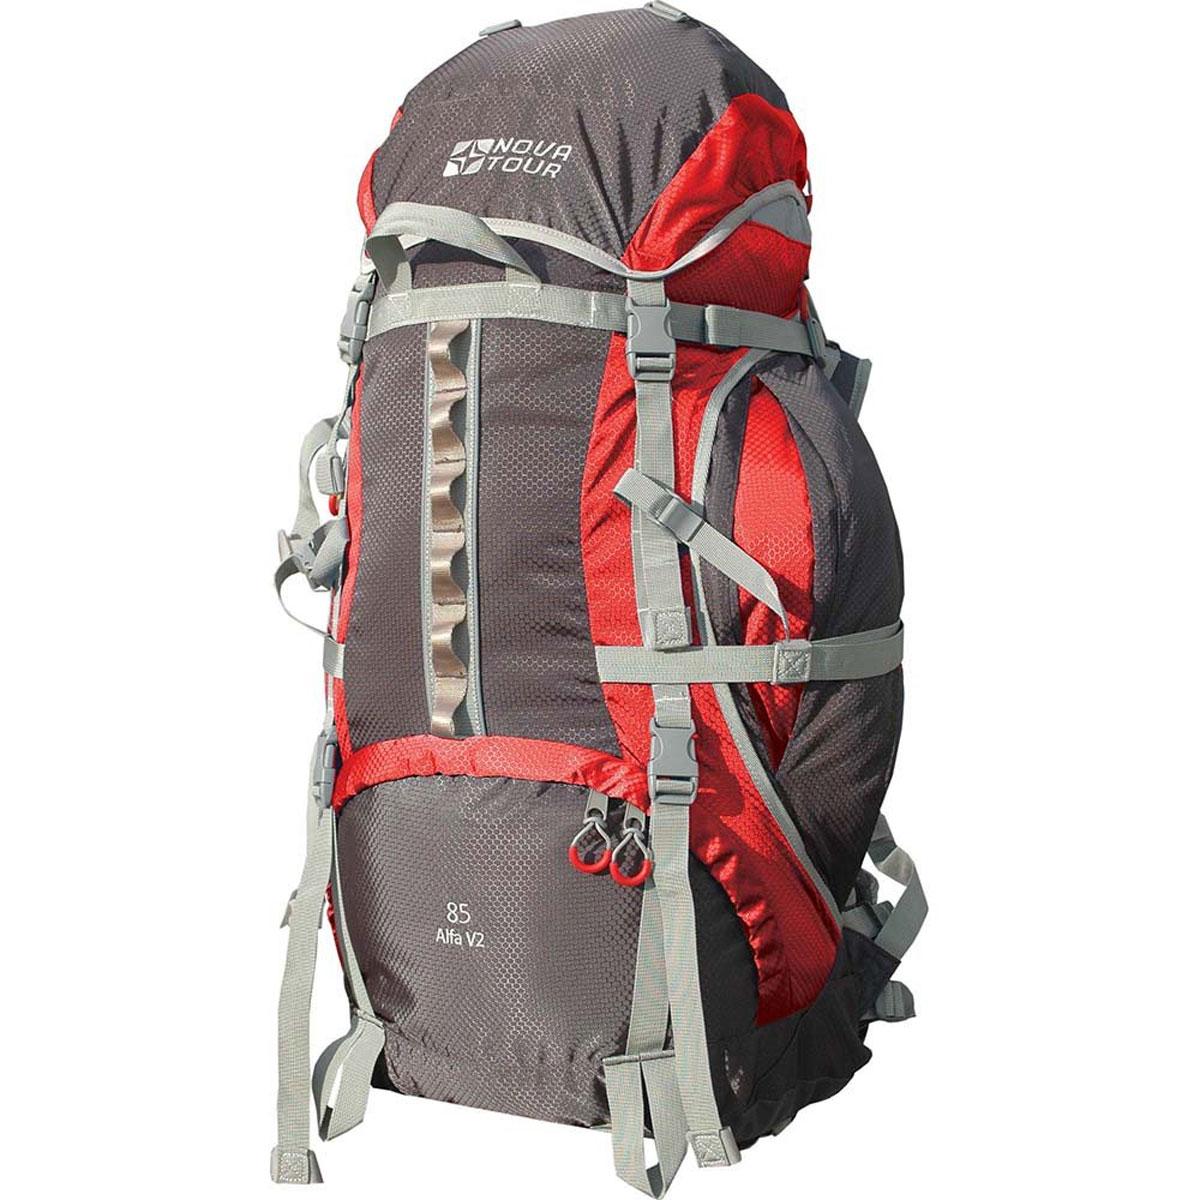 Рюкзак Nova Tour Альфа 85 V2, цвет: серый, красный. 95312-057-0095312-057-00Если вам нравится прыгать с камня на камень или двигаться по узкой горной тропе - этот рюкзак с усиленны- ми стропами специально для вас. Ваша спина будет благодарна за правильно распределяющую вес на плечи и пояс и уменьшающую нагрузку на позвоночник подвесную систему. Теперь доступ к нужным в дневном переходе вещам стал проще благодаря двум вместительным боковым карманам. Если их мало, то на дне рюкзака имеется удобное крепление для габаритных вещей (палатки). Для большего удобства крепления горного инвентаря разработана новая система навески. Если нужно что-то достать со дна рюкзака воспользуйтесь удобным нижним входом. В горах погода переменчива, может внезапно пойти дождь, но вещи всегда будут оставаться сухими, с идущим в комплекте гермочехлом в потайном кармане, на дне рюкзака. На концах боковых стяжек имеются липучки для закрепления излишков стропы. Особенности: Подвеска: ABS V2; Ткань: Poly Oxford 600D PU RipStop; Защитный чехол; ...